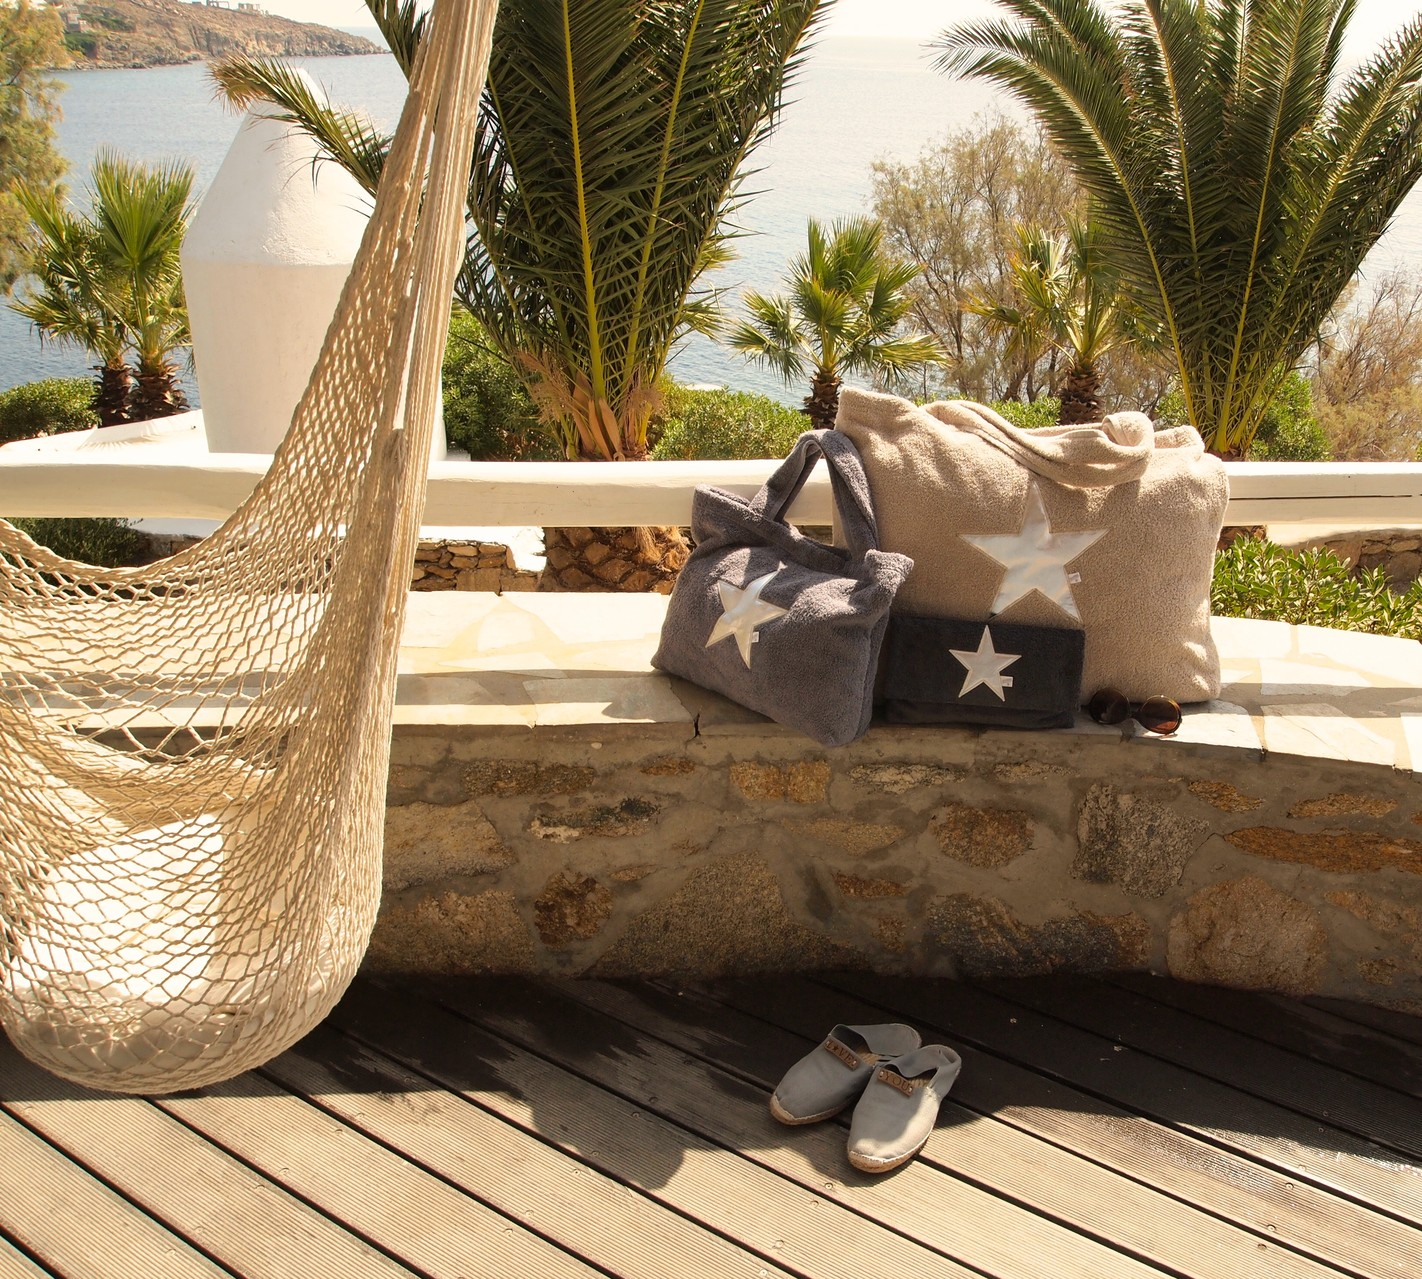 Hotel San Giorgio - Mykonos - BYRH Beach Bags -Silver- Edition